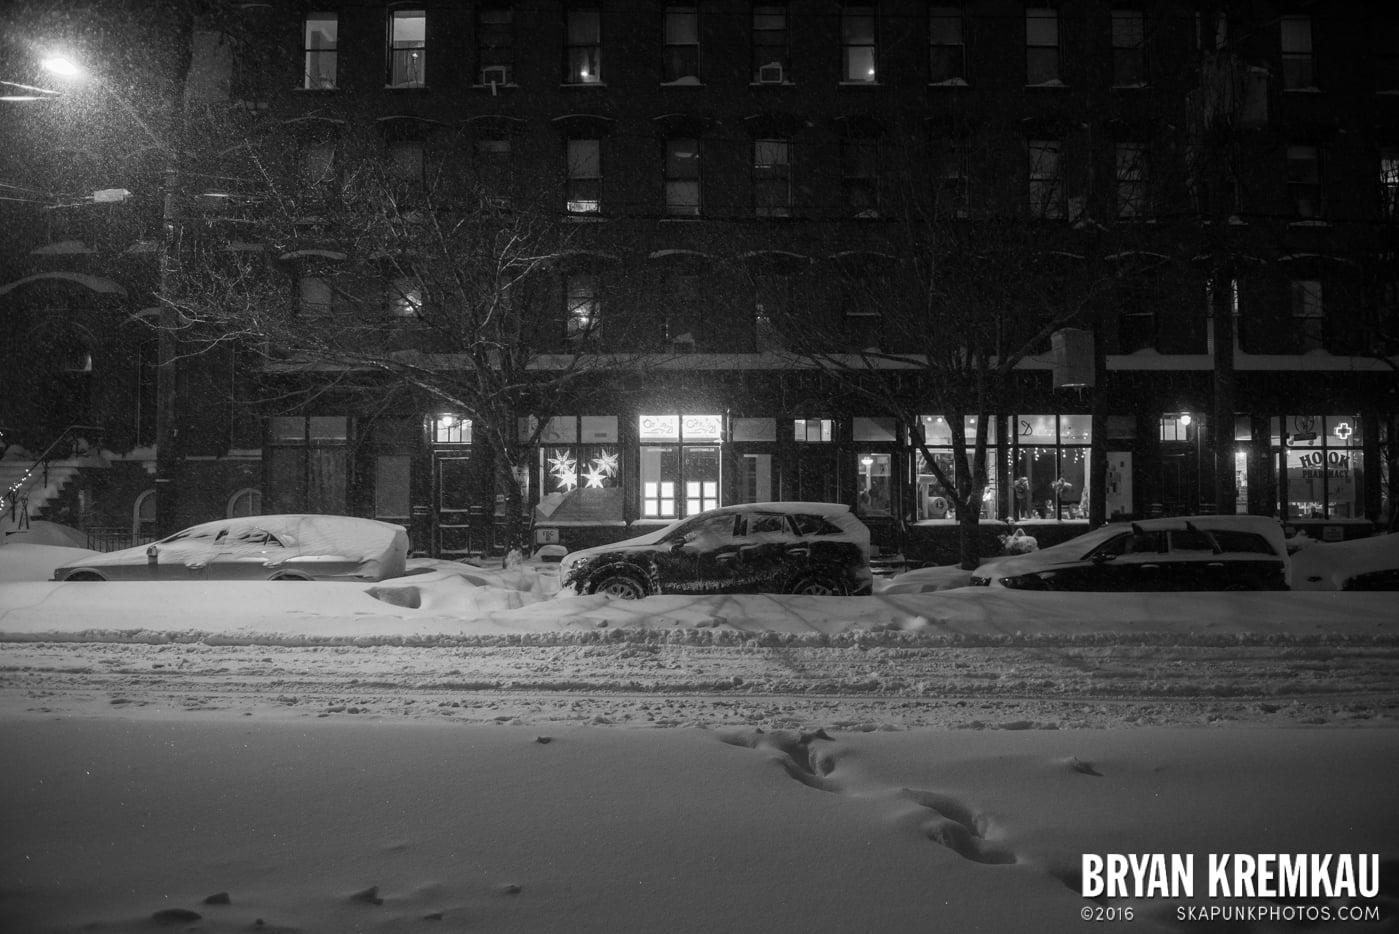 Blizzard 2016 in Jersey City, NJ - 1.23.16 (17)